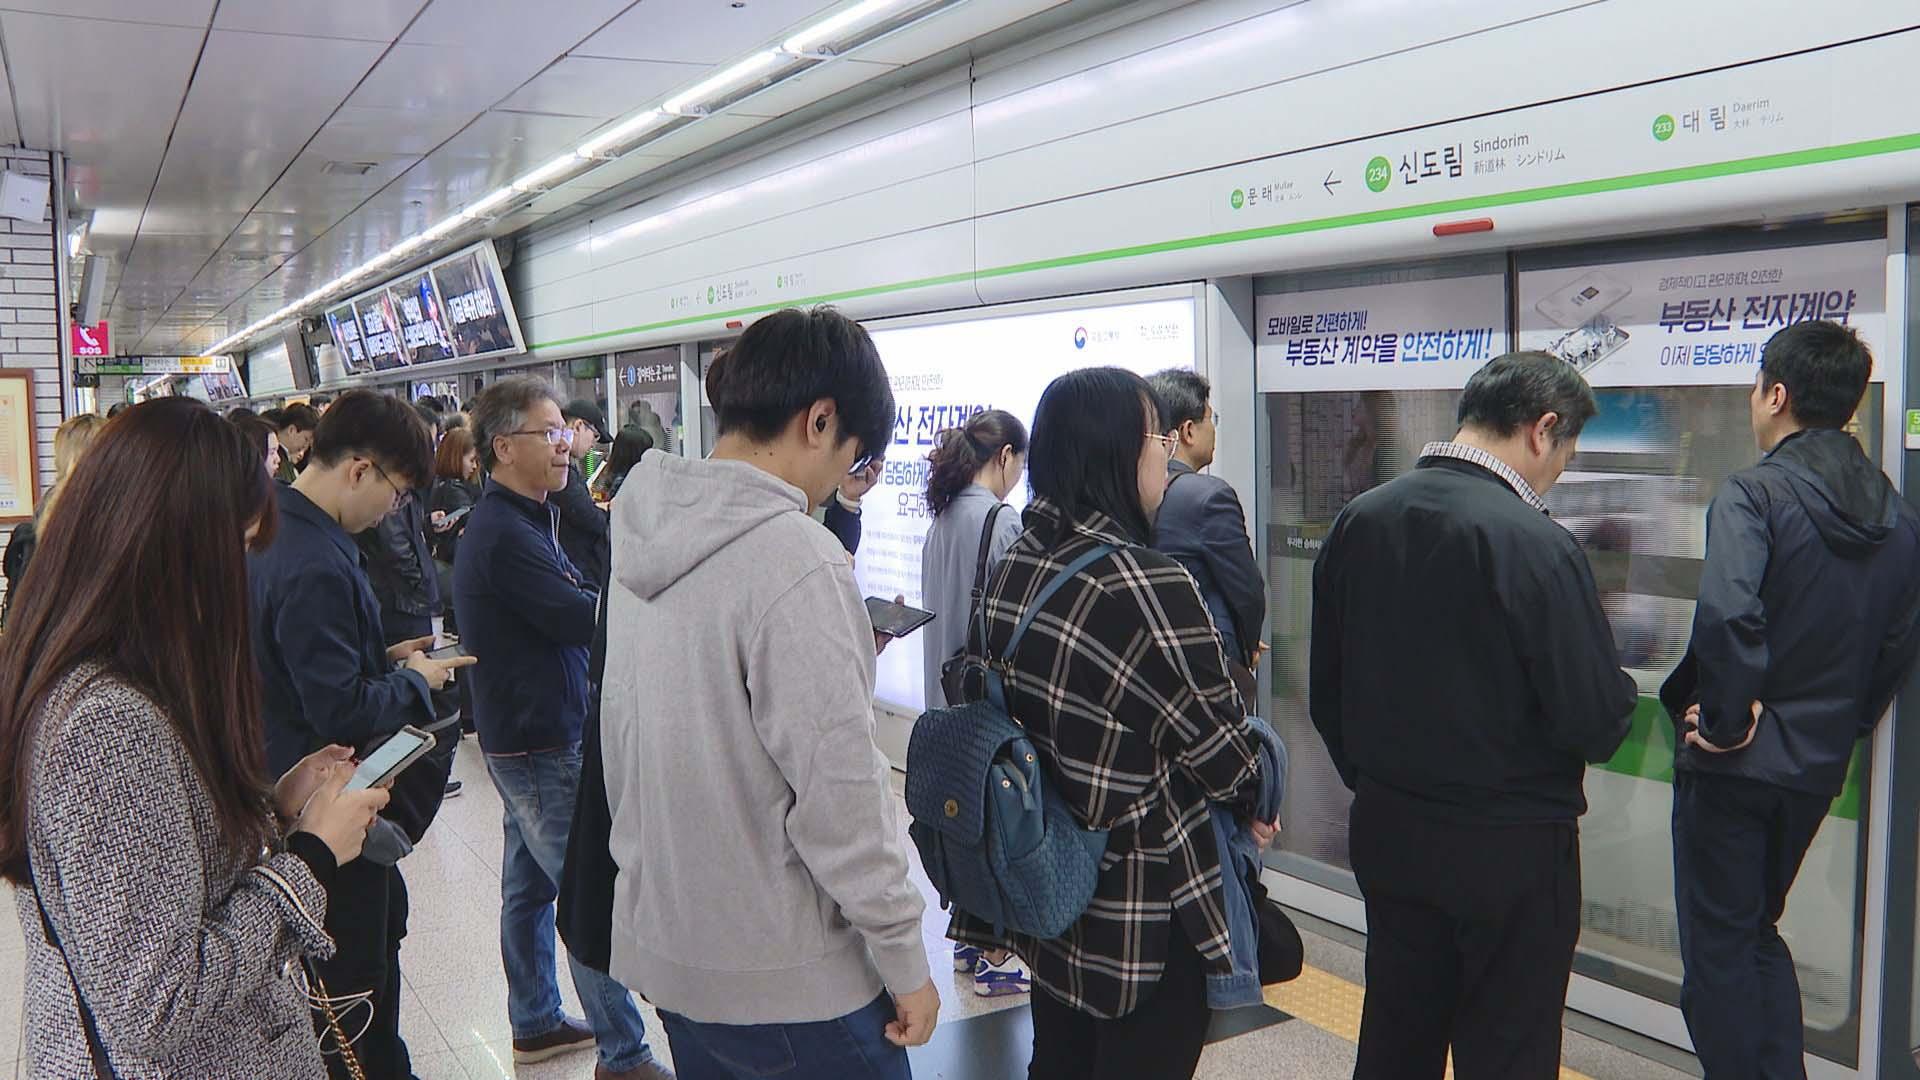 서울지하철 1~8호선 준법투쟁..파업 위기감 고조